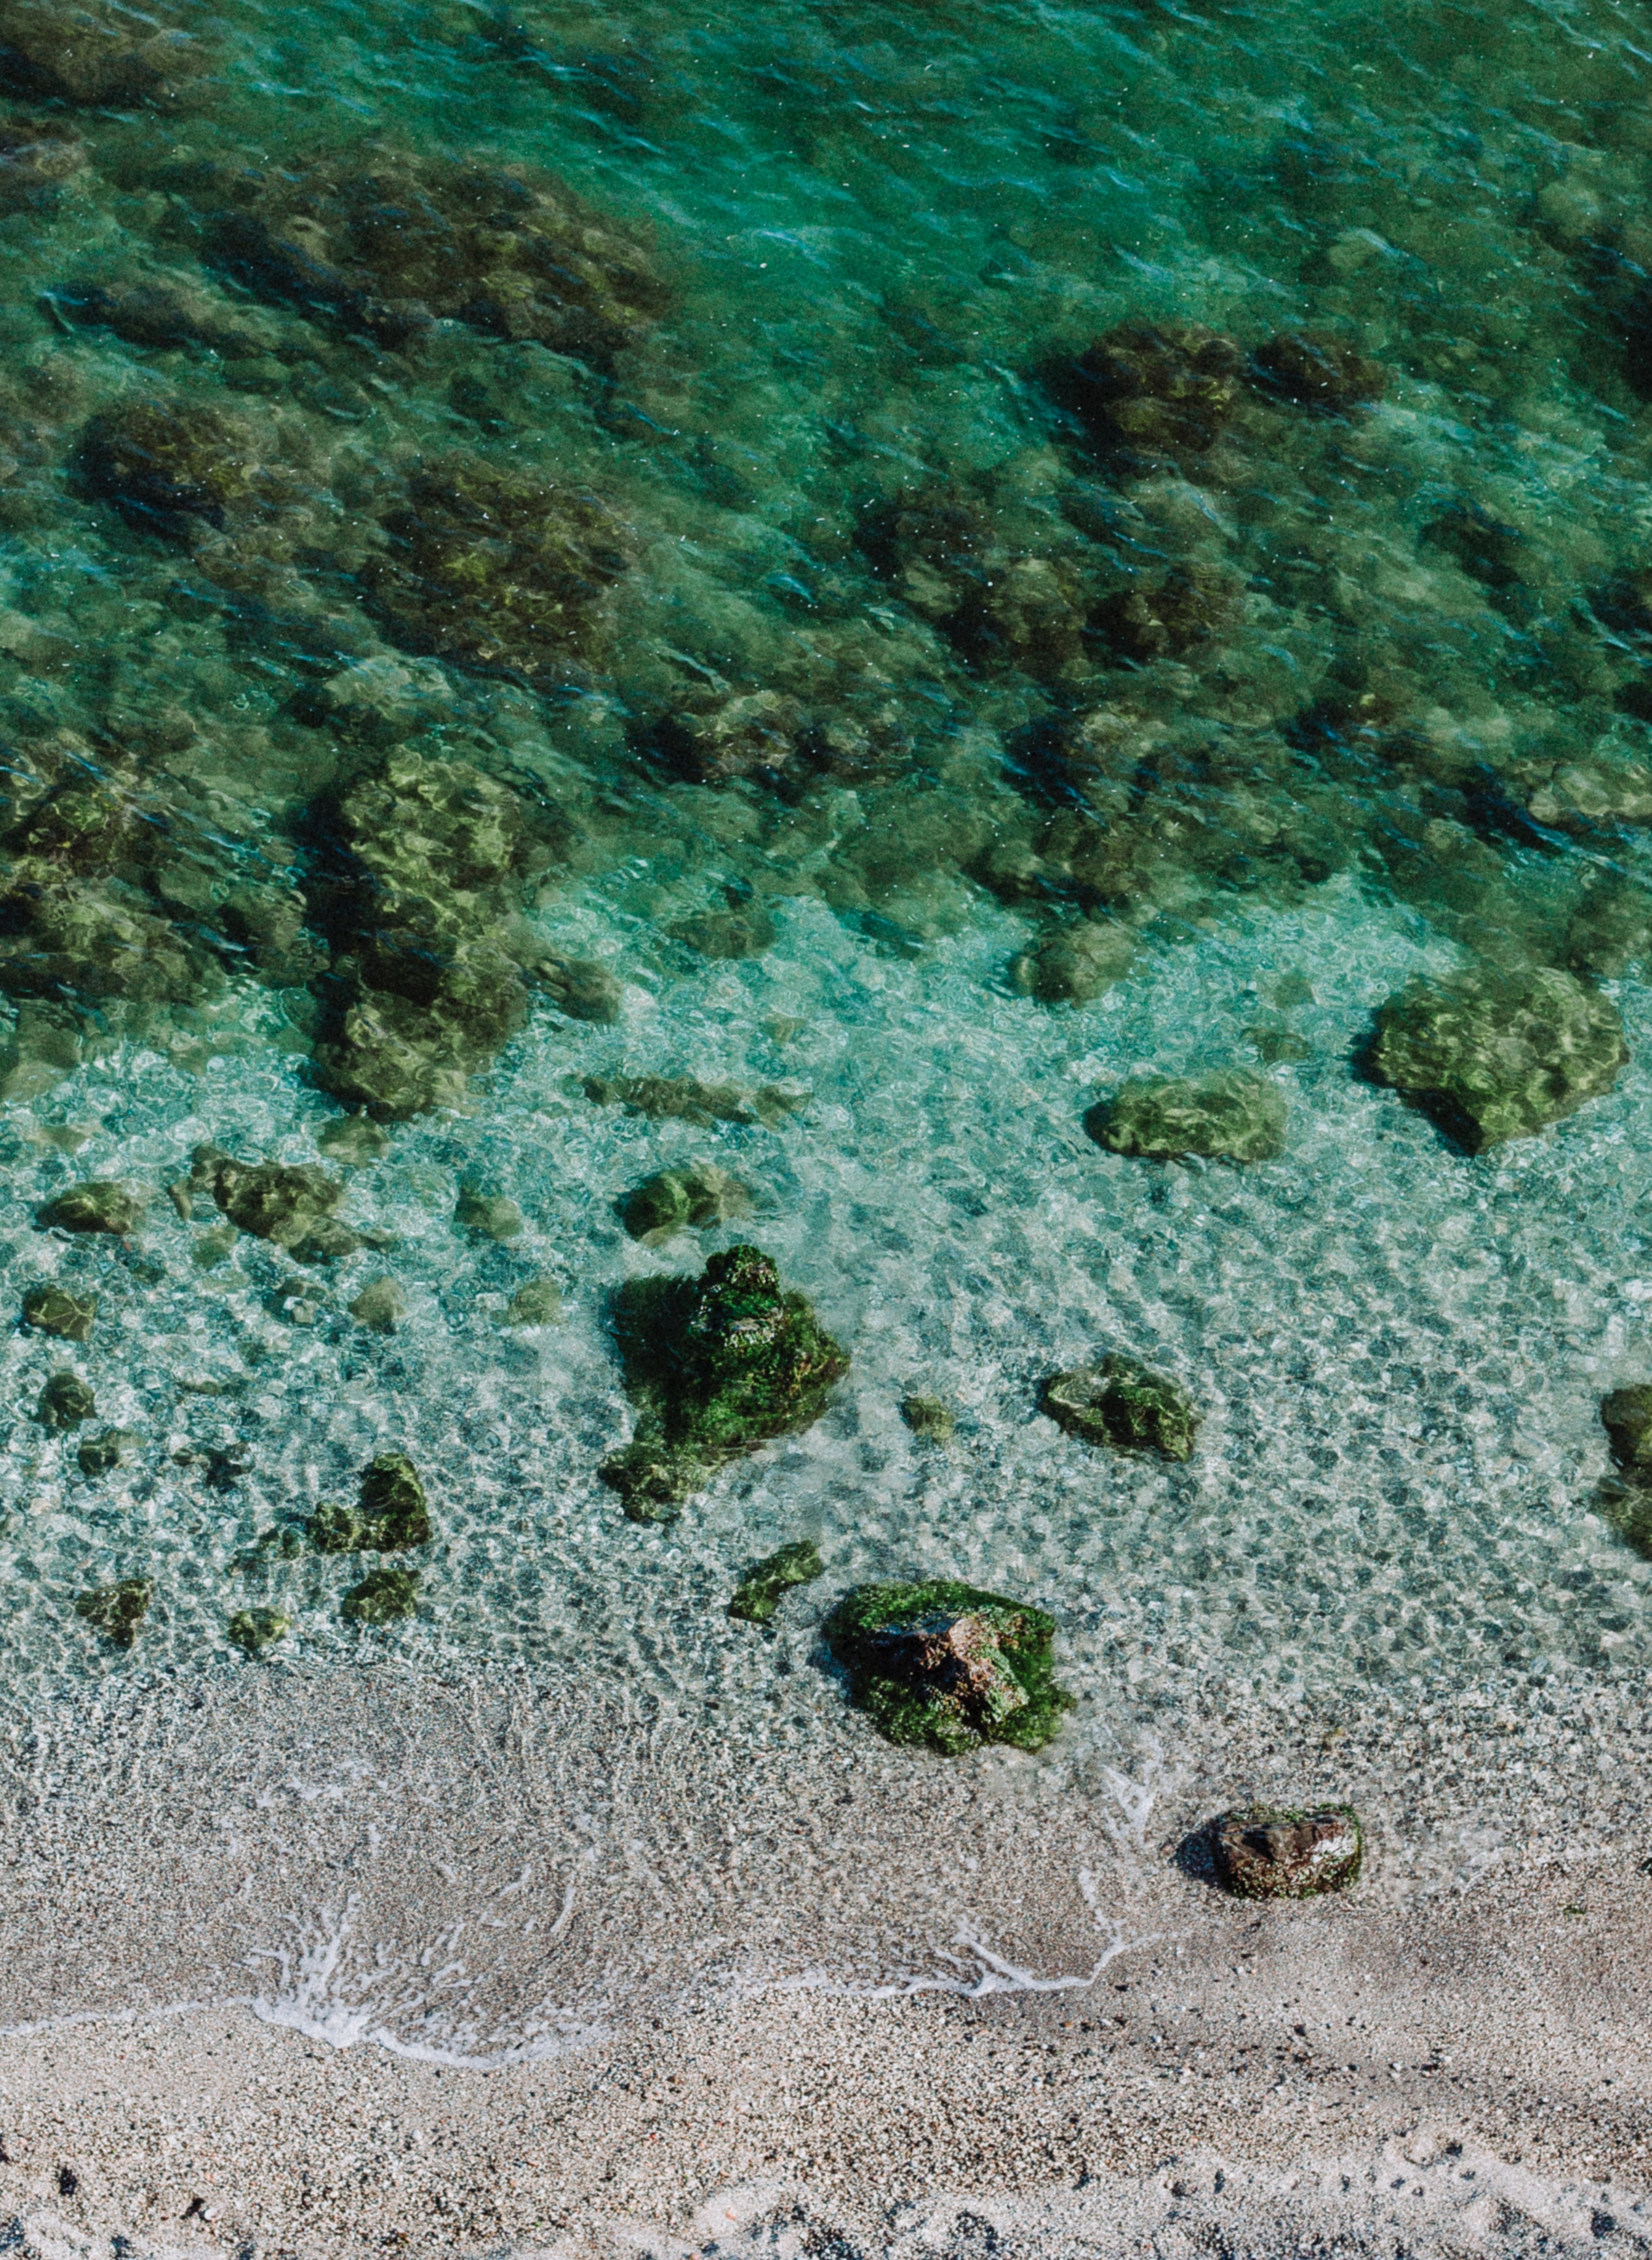 aquatic-clear-corals-564899.jpg